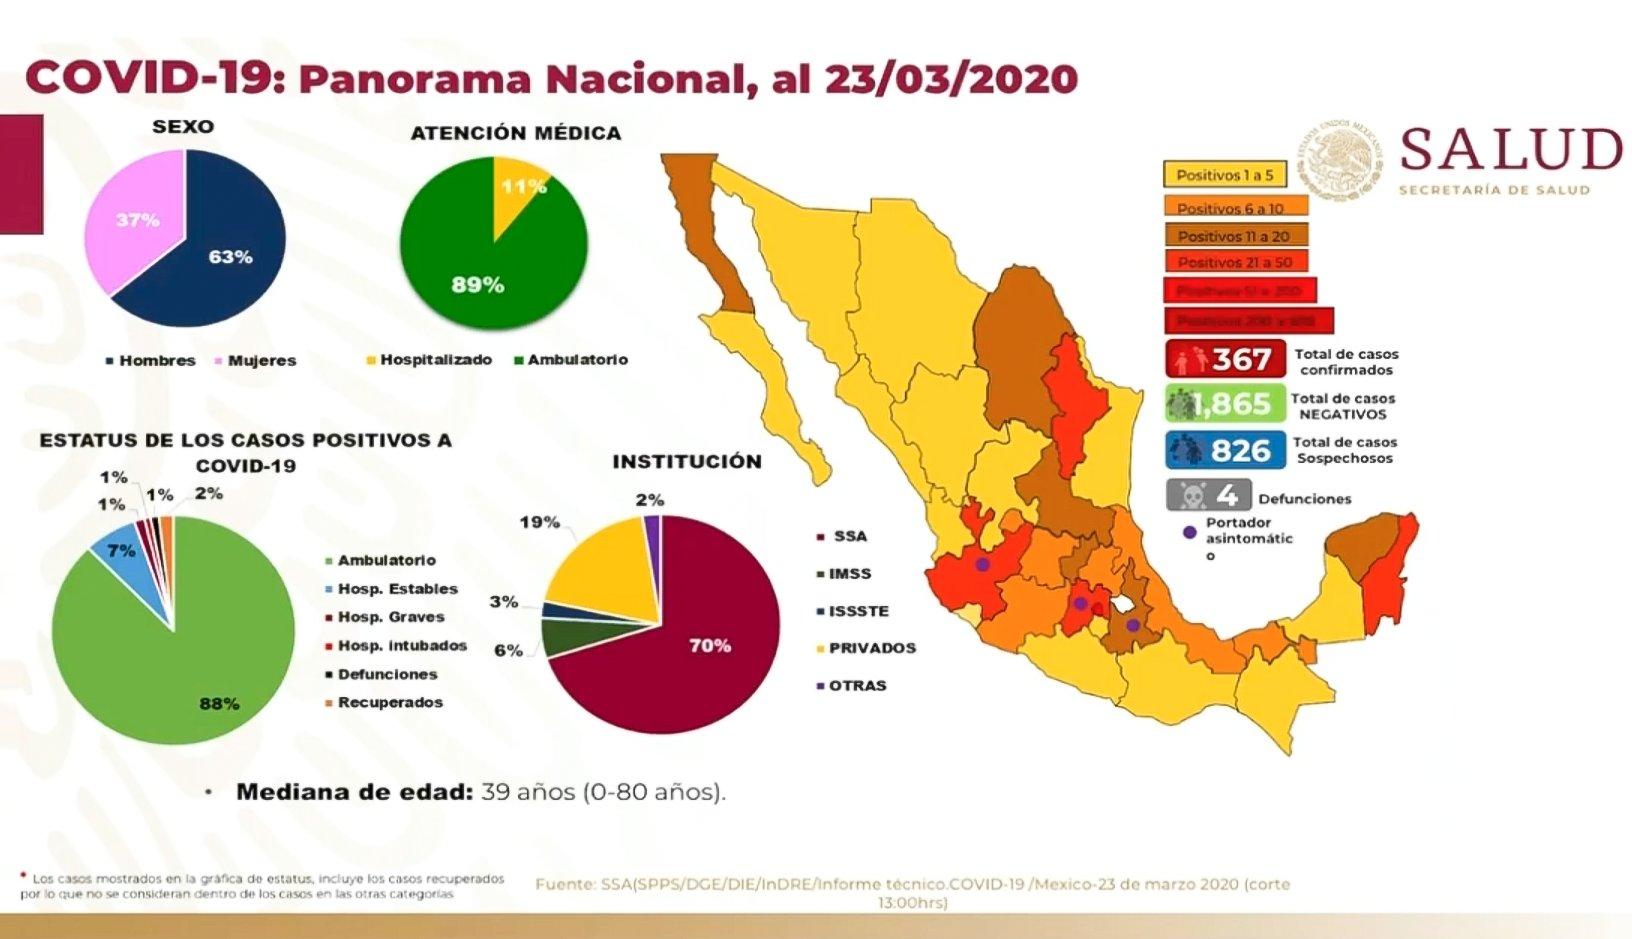 El pasado 26 de febrero se dio a conocer el primer caso registrado en latinoamérica por un paciente originario de Brasil. Días más tarde se registró la primera persona infectada en México,  hasta el día 23 de marzo se han registrado 367 casos registrados, 826 casos sospechosos y 4  descensos hasta el momento.